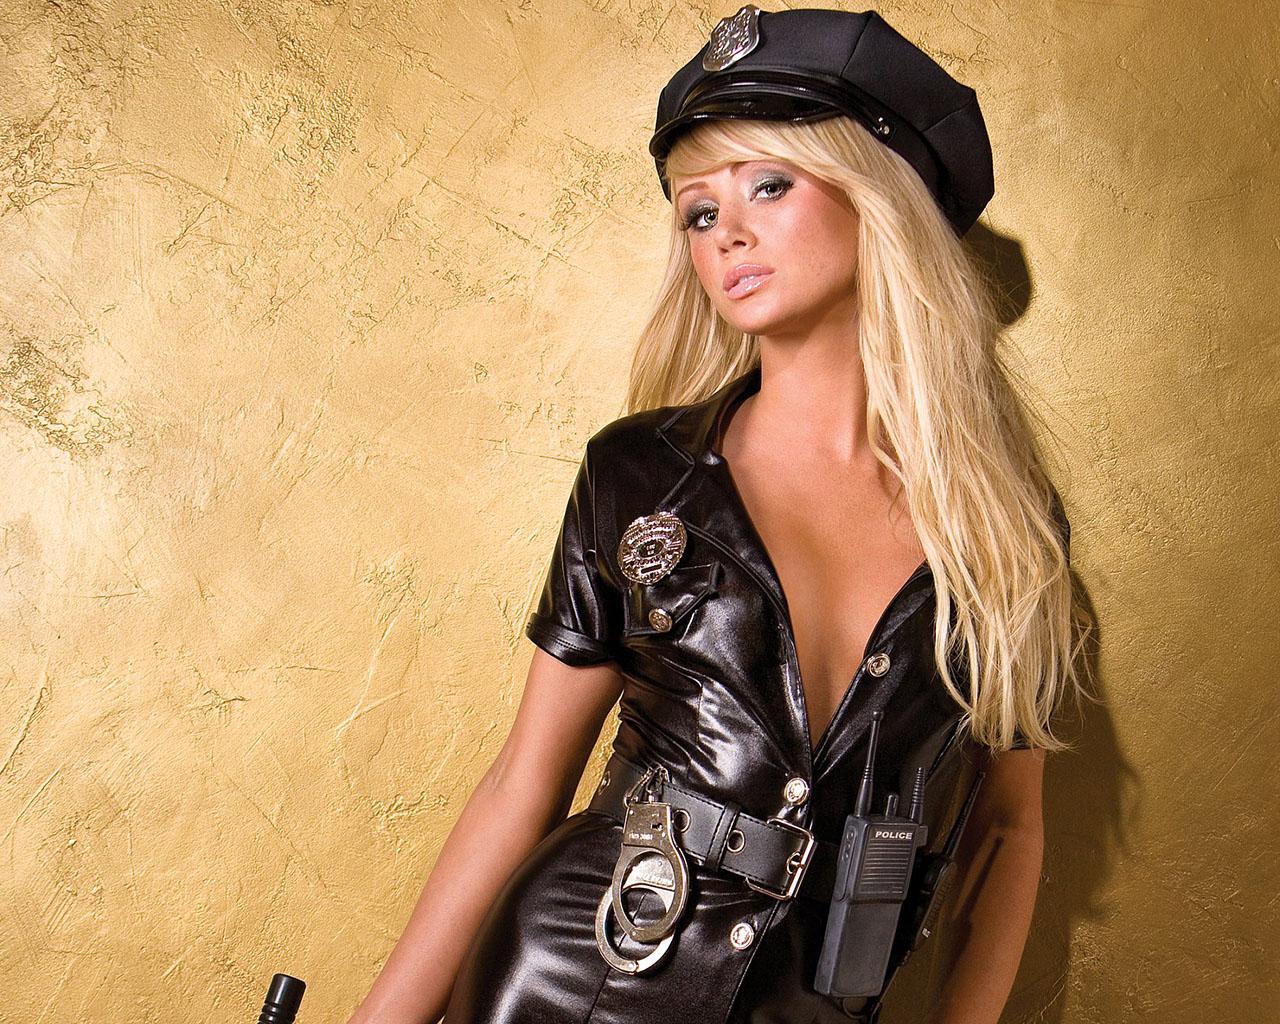 Фото девушек в форме прокурора 15 фотография